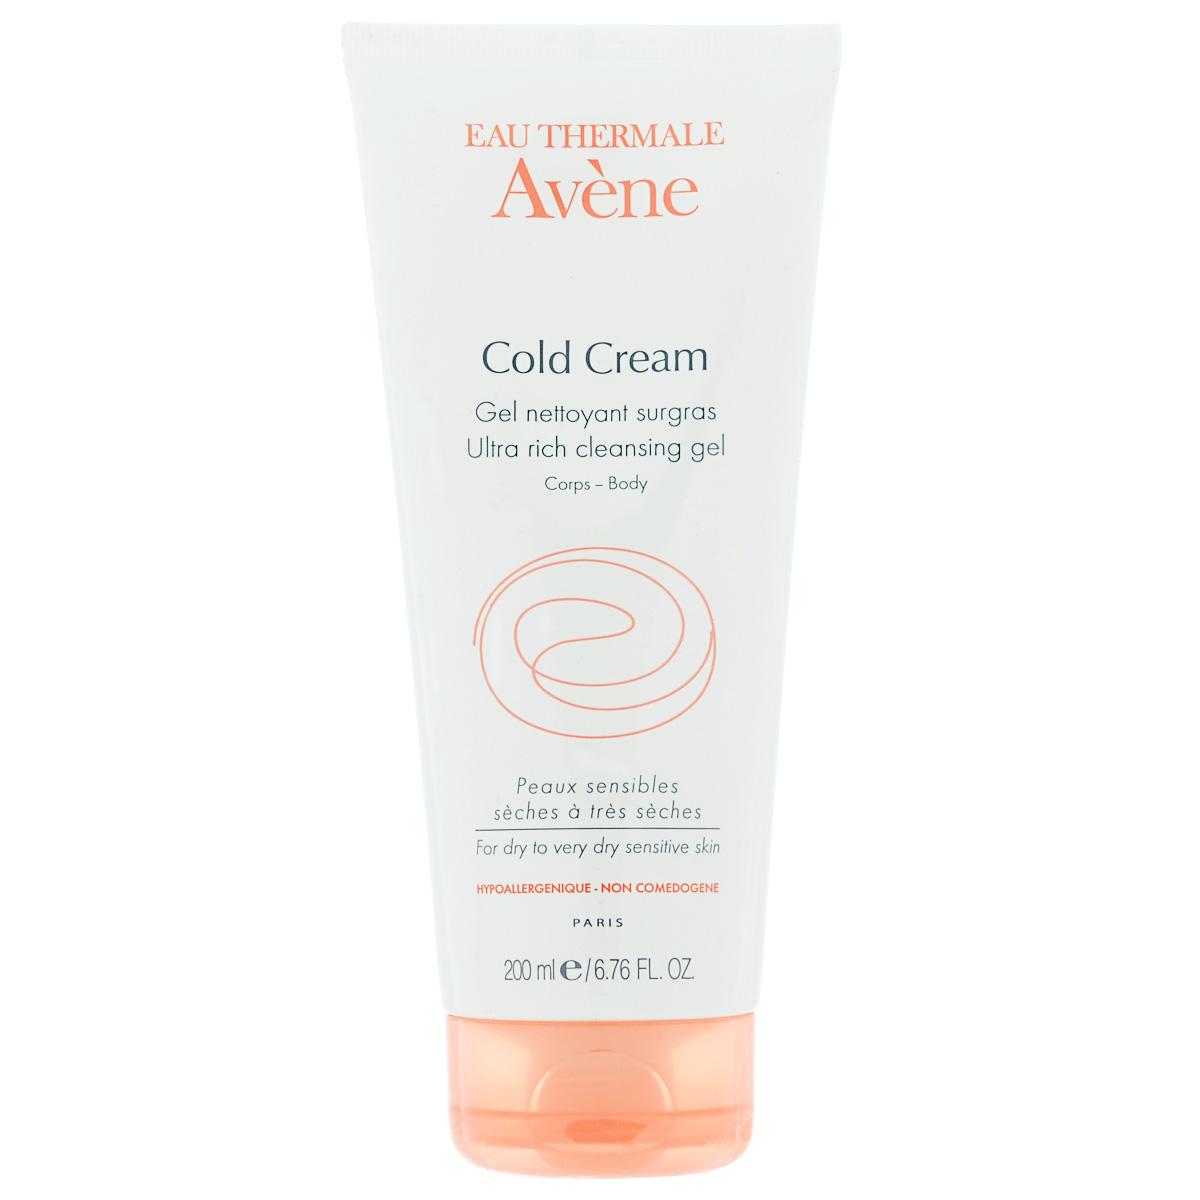 Avene Очищающий сверхпитательный гель Cold-cream для лица и тела 200 мл avene эмульсия для тела с колд кремом  400 мл